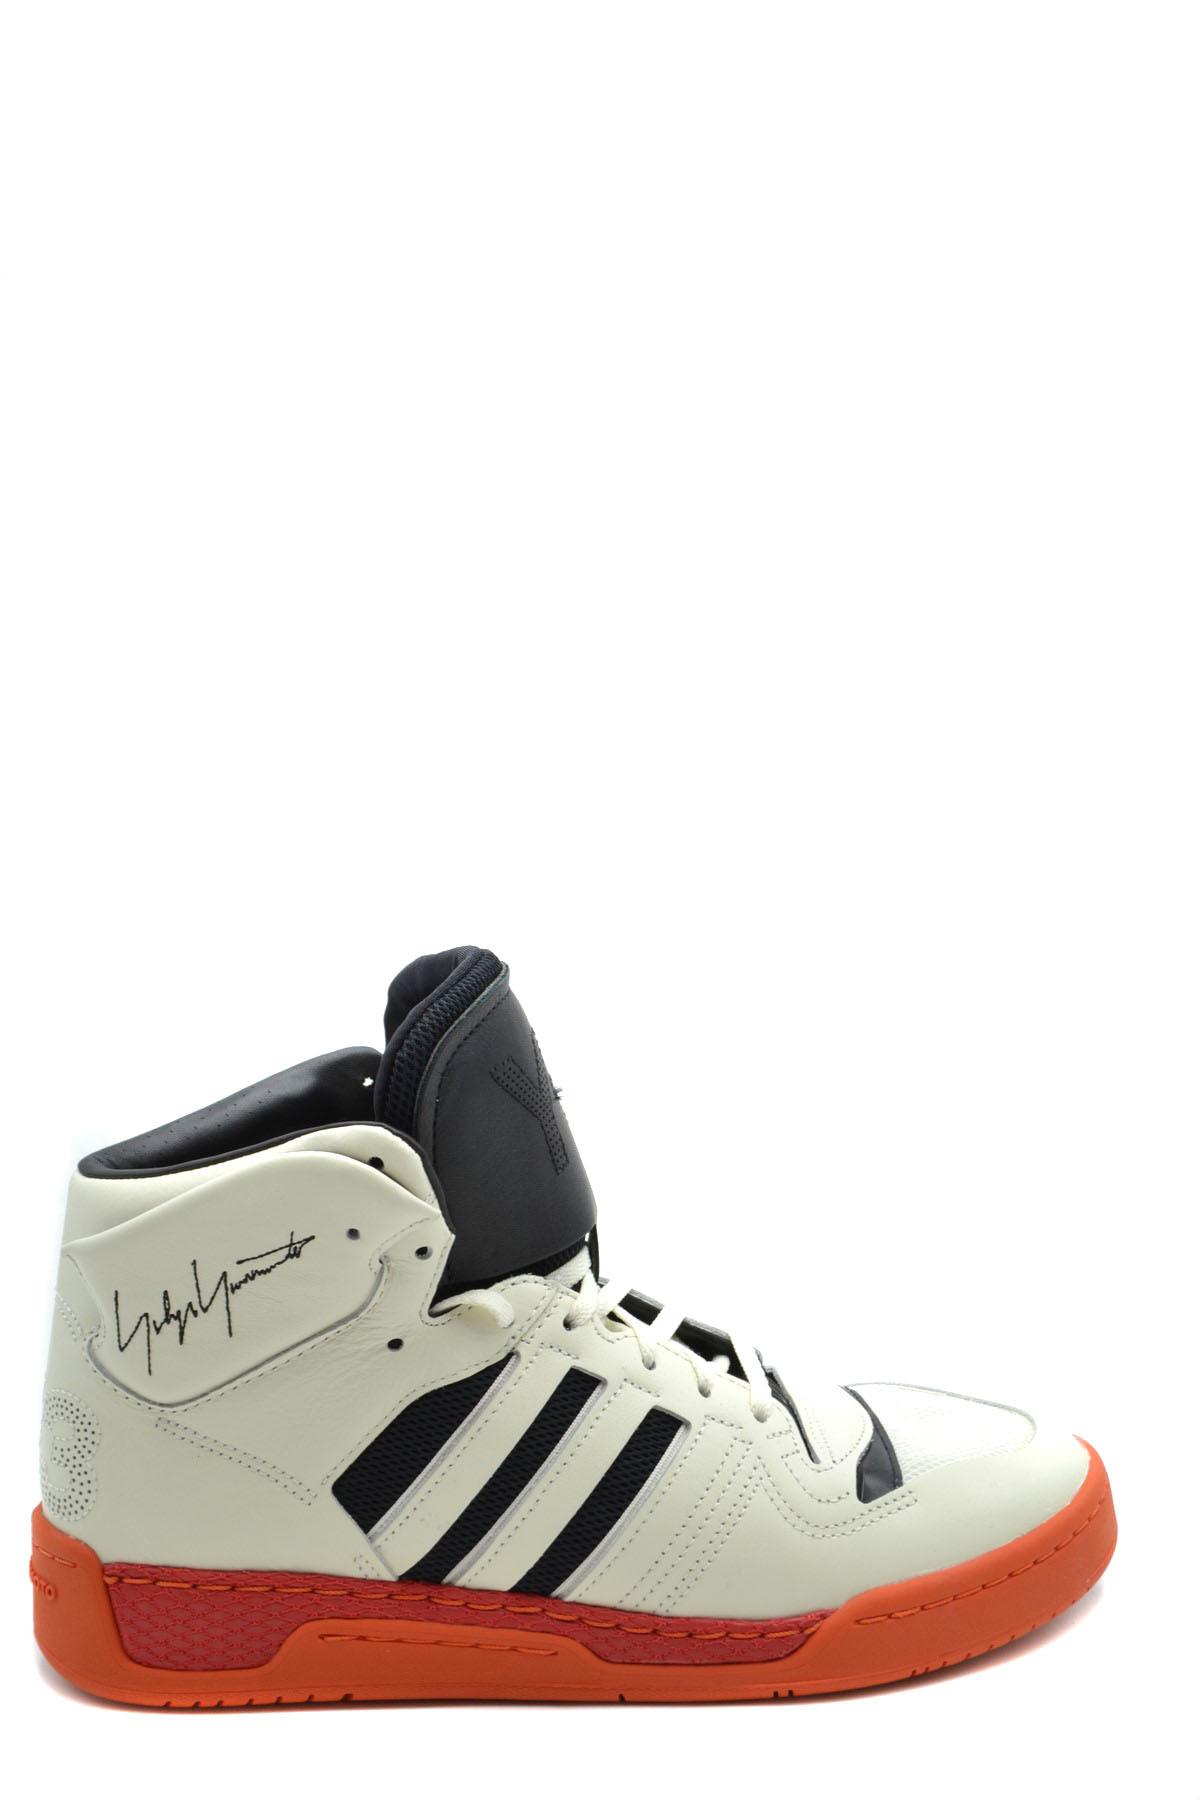 adidas y-3 yohji yamamotoMarchio: Adidas Y-3 Yohji Yamamoto; Genere: Uomo; Tip…